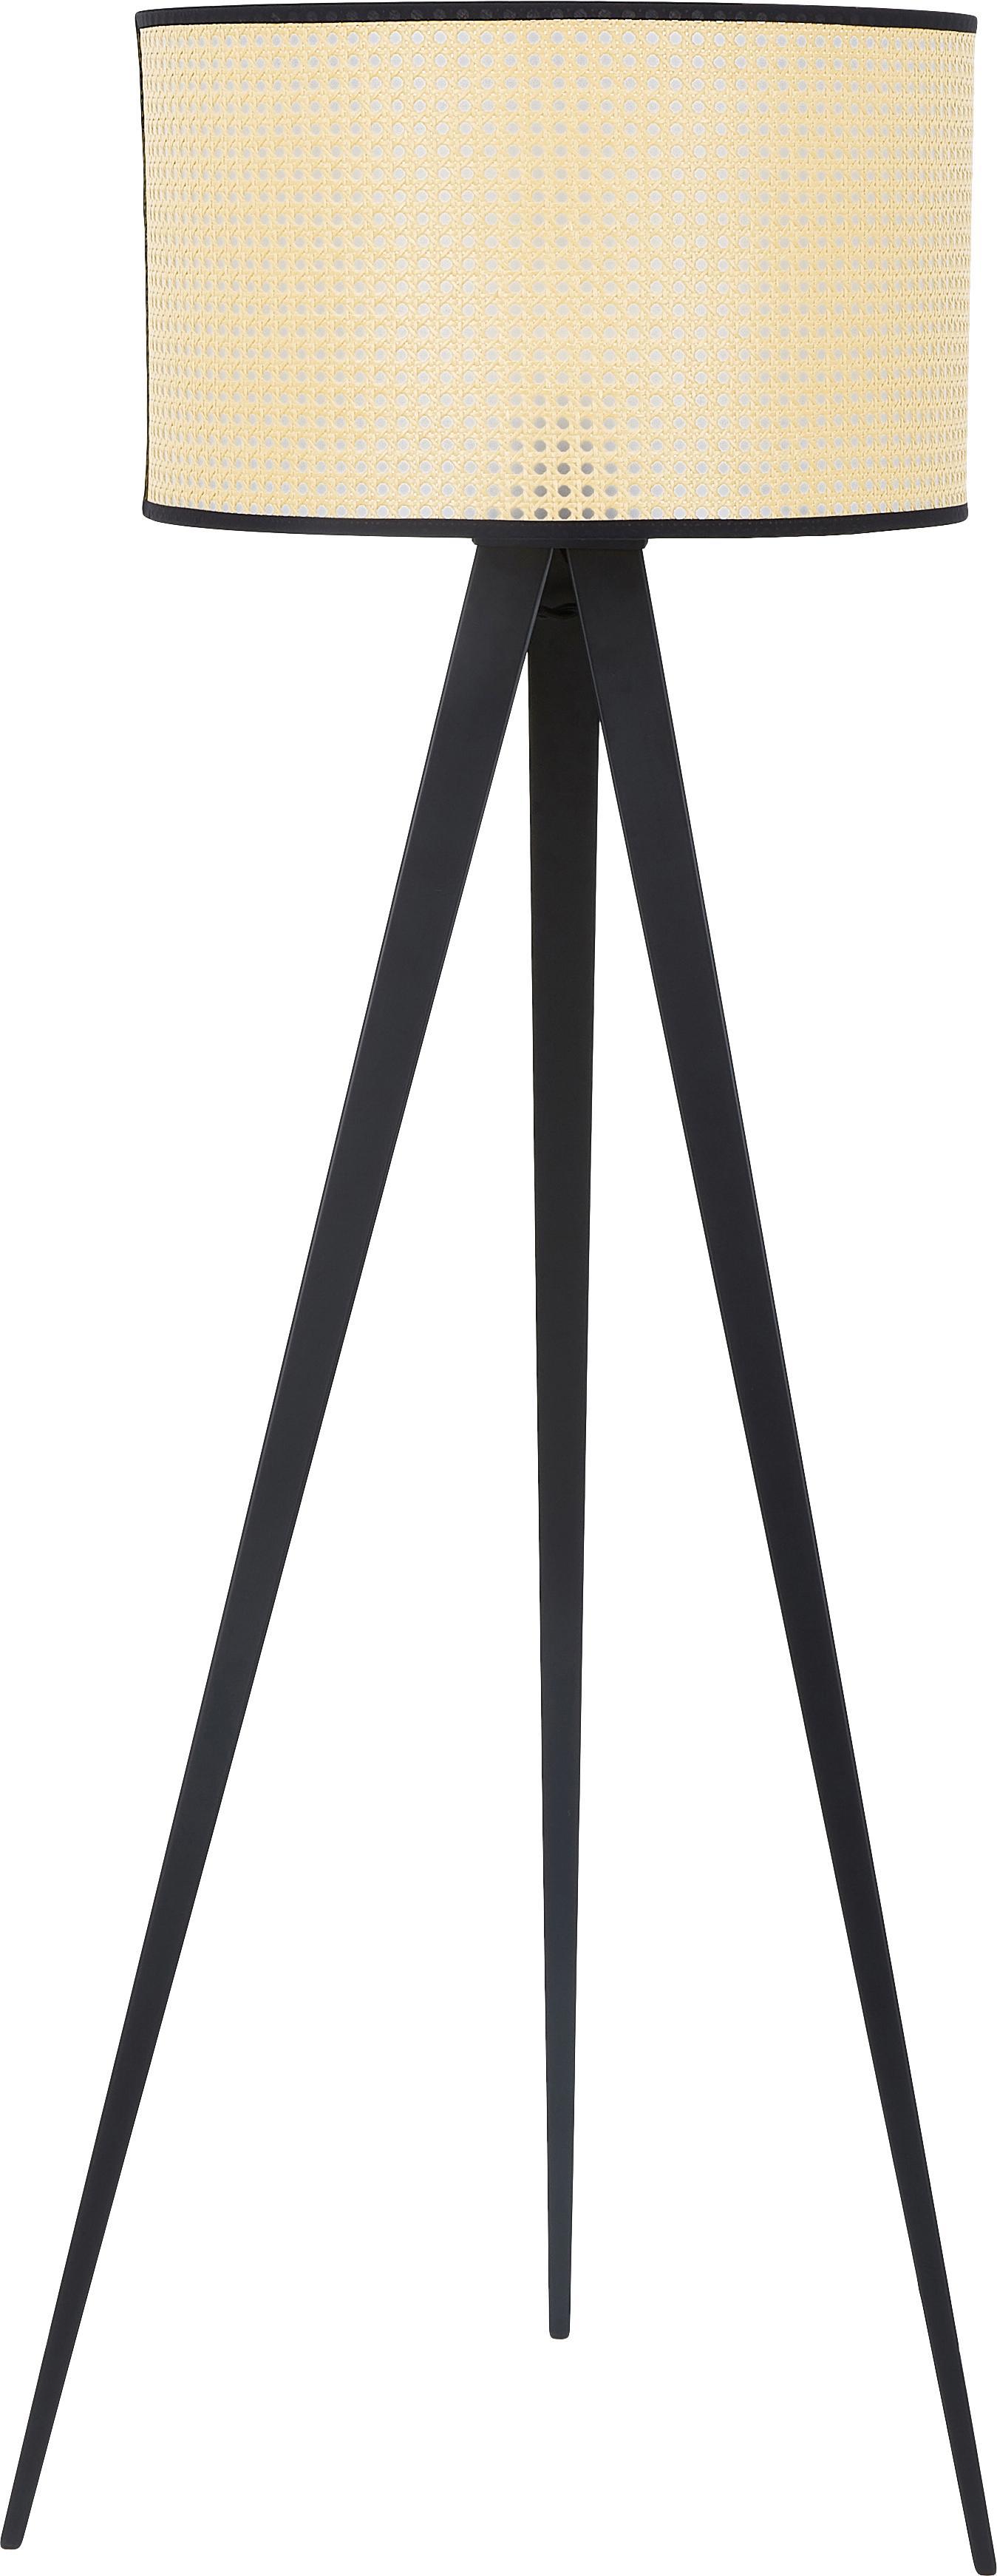 Lampada da terra con paralume in vimini Vienna, Paralume: materiale sintetico, Base della lampada: metallo verniciato a polv, Paralume: beige, nero Base della lampada: nero opaco Cavo: nero, Ø 50 x Alt. 154 cm